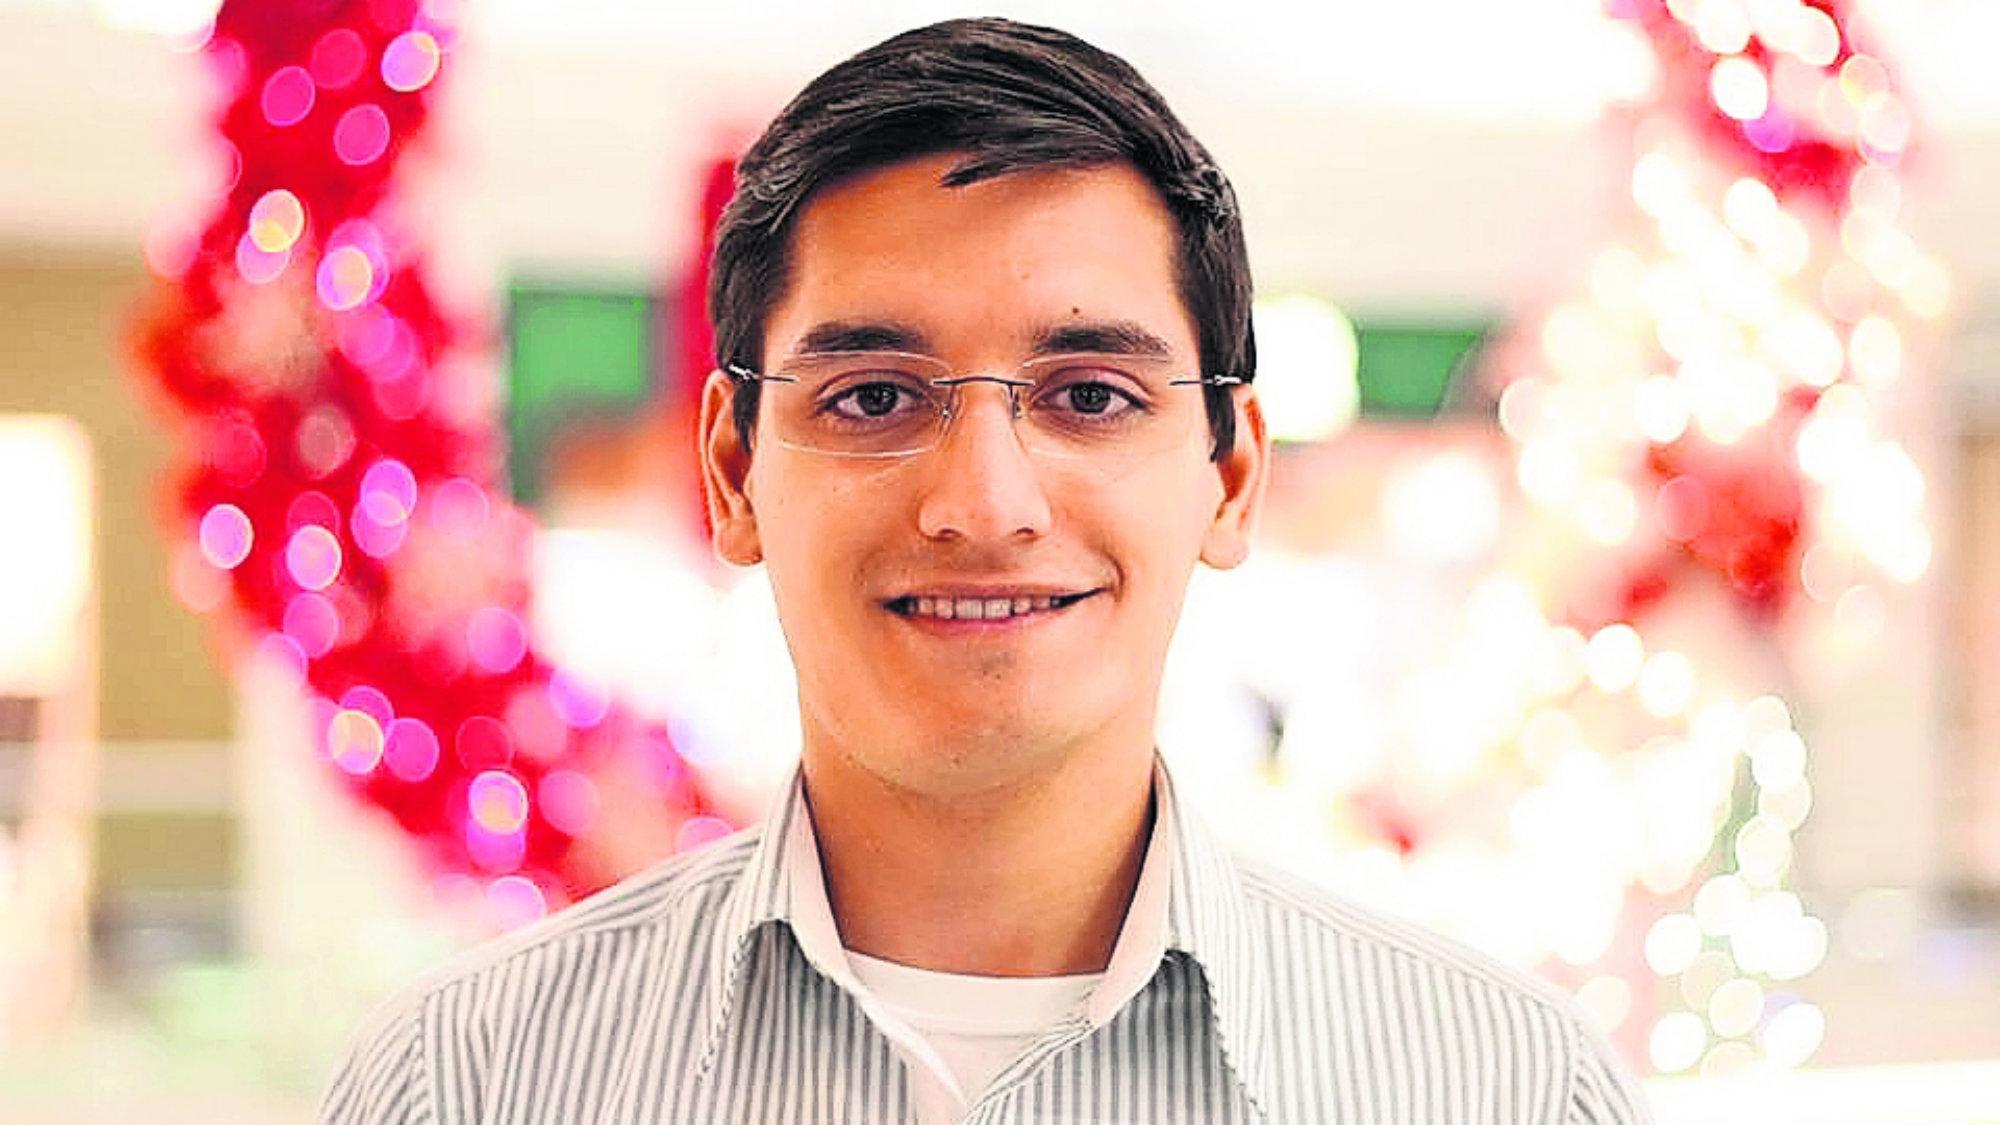 Leonardo Avendaño Seminarista asesinado Crimen pasional CDMX Tlalpan